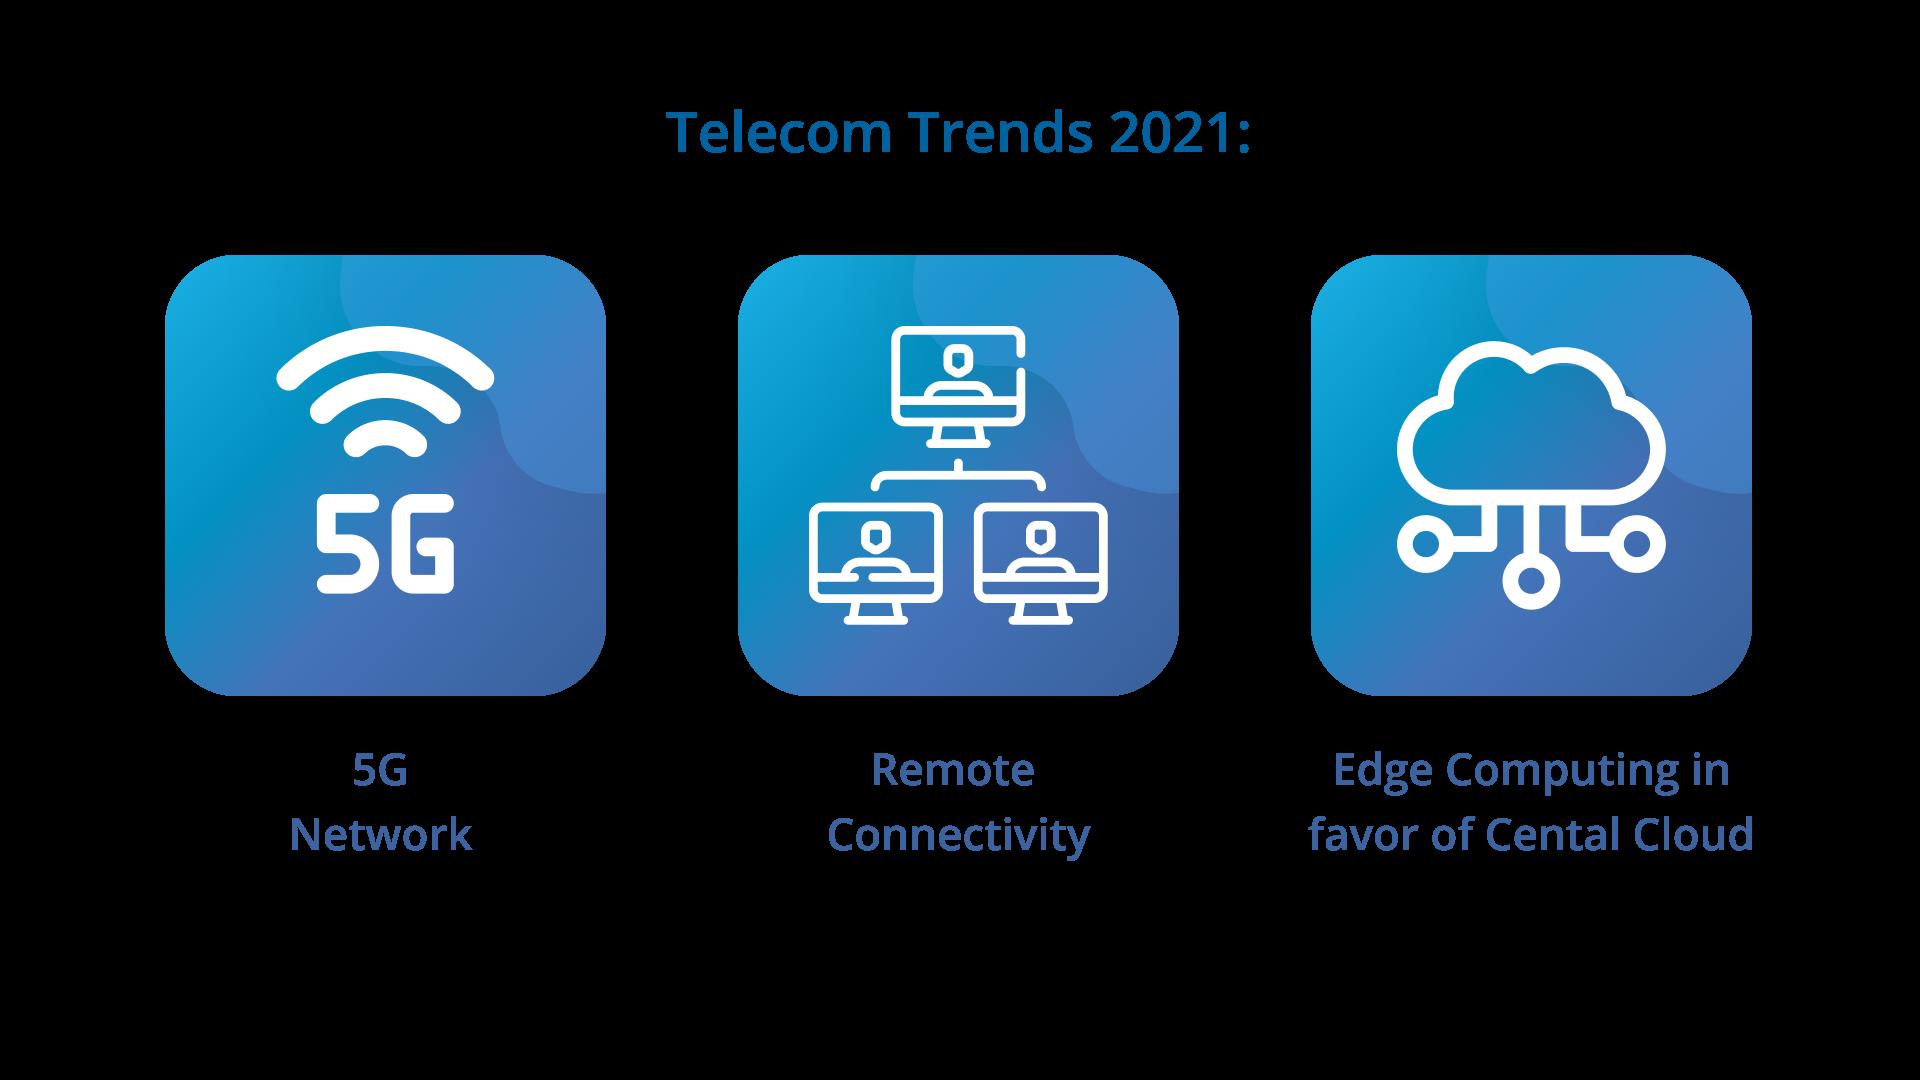 Telecom trends 2020